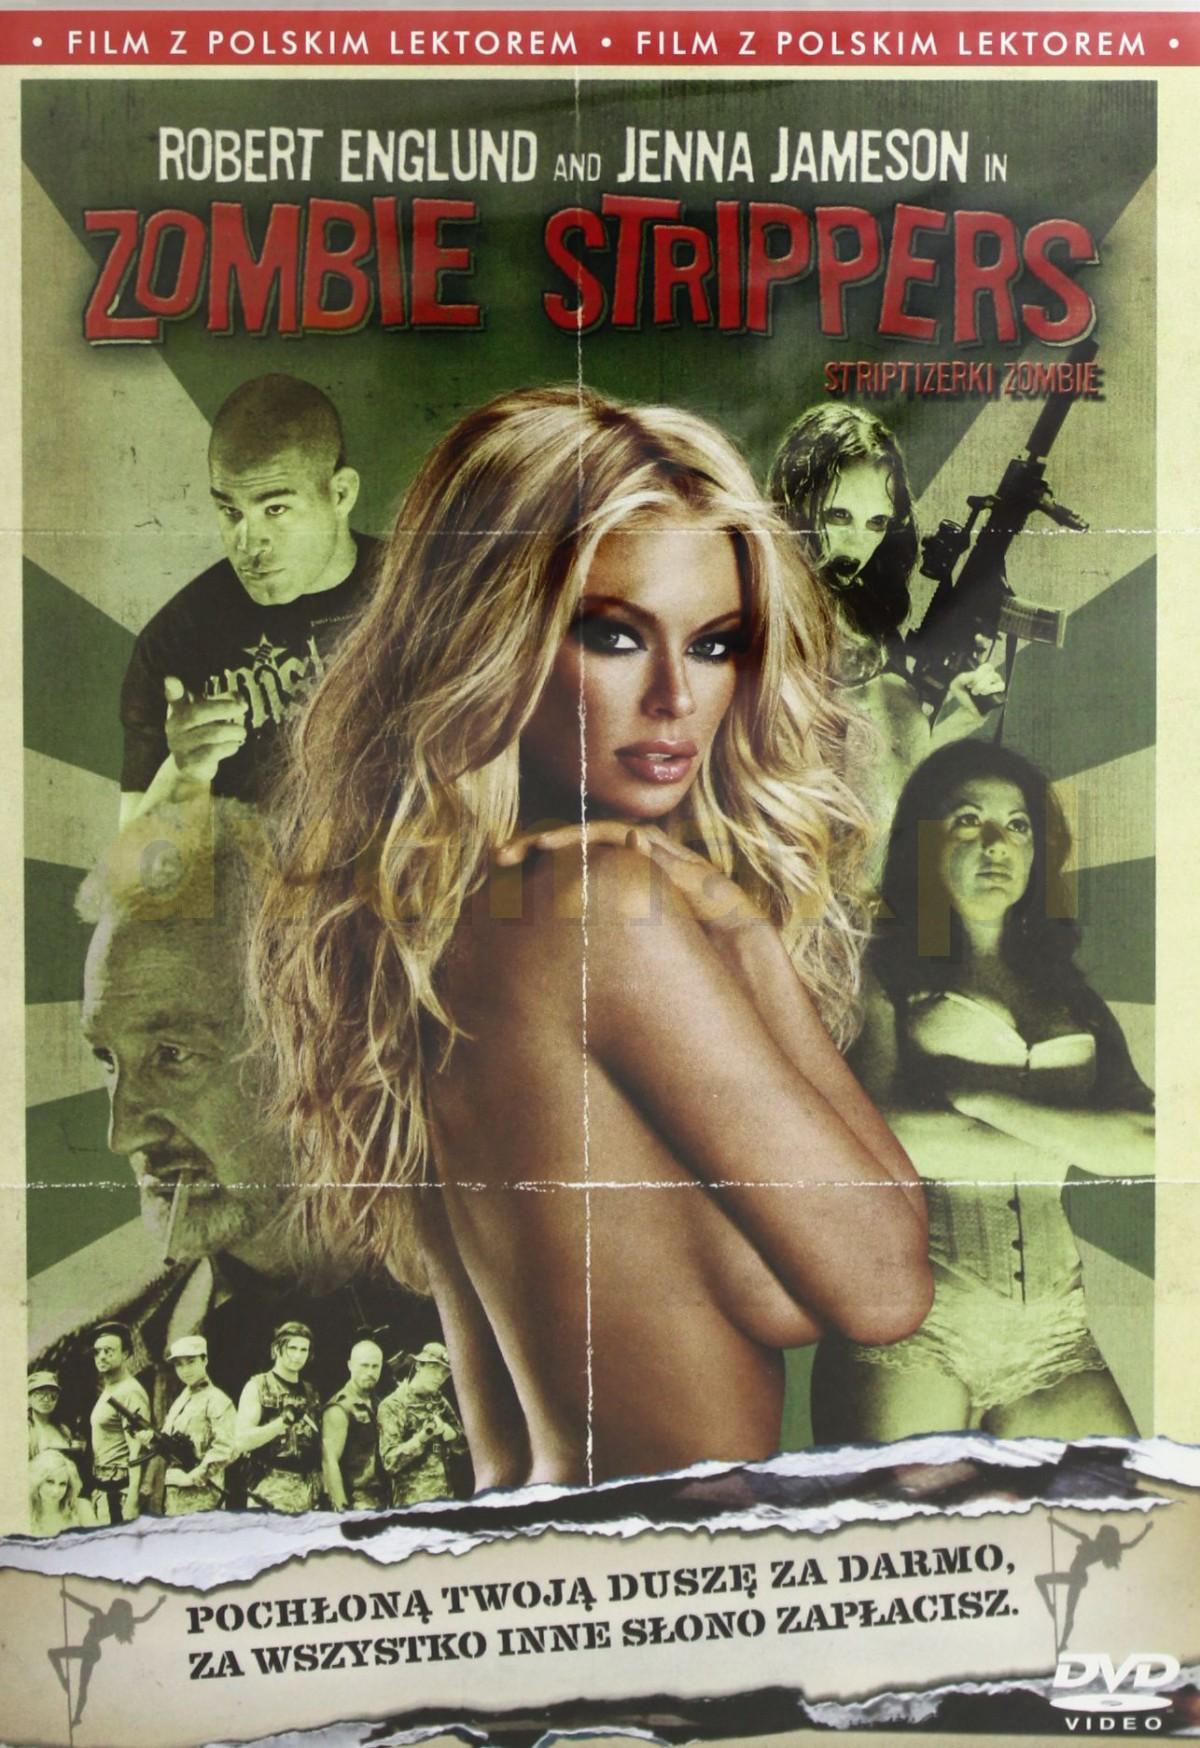 Striptizerki.Zombie